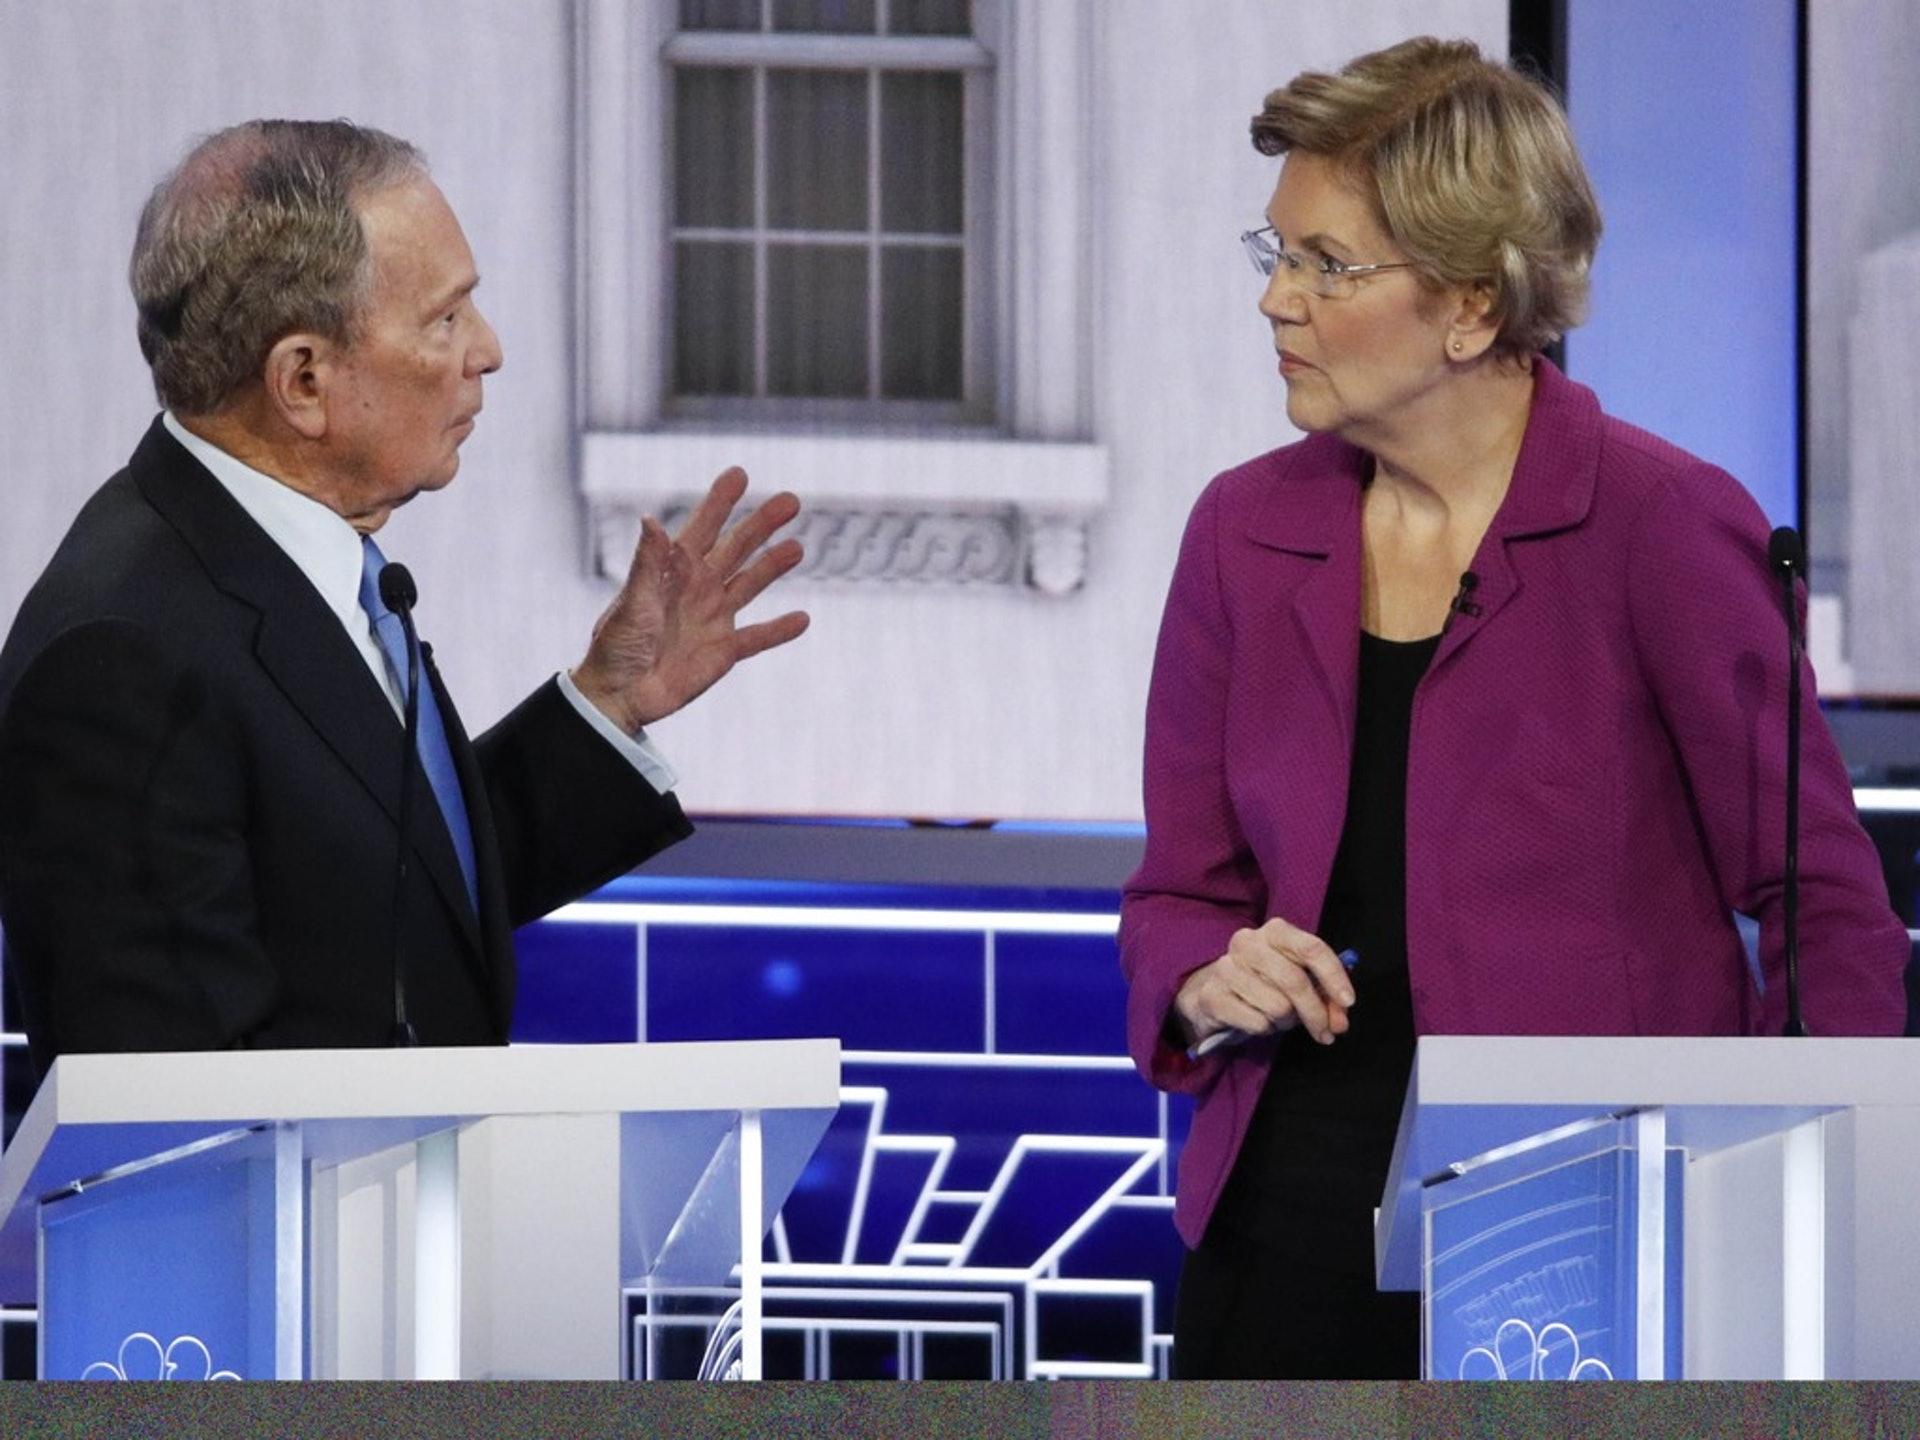 2月19日,美国民主党总统初选第九场辩论在内华达州拉斯韦加斯登场。左翼参选人沃伦(右)整场将攻击矛头对准了布隆伯格。(AP)